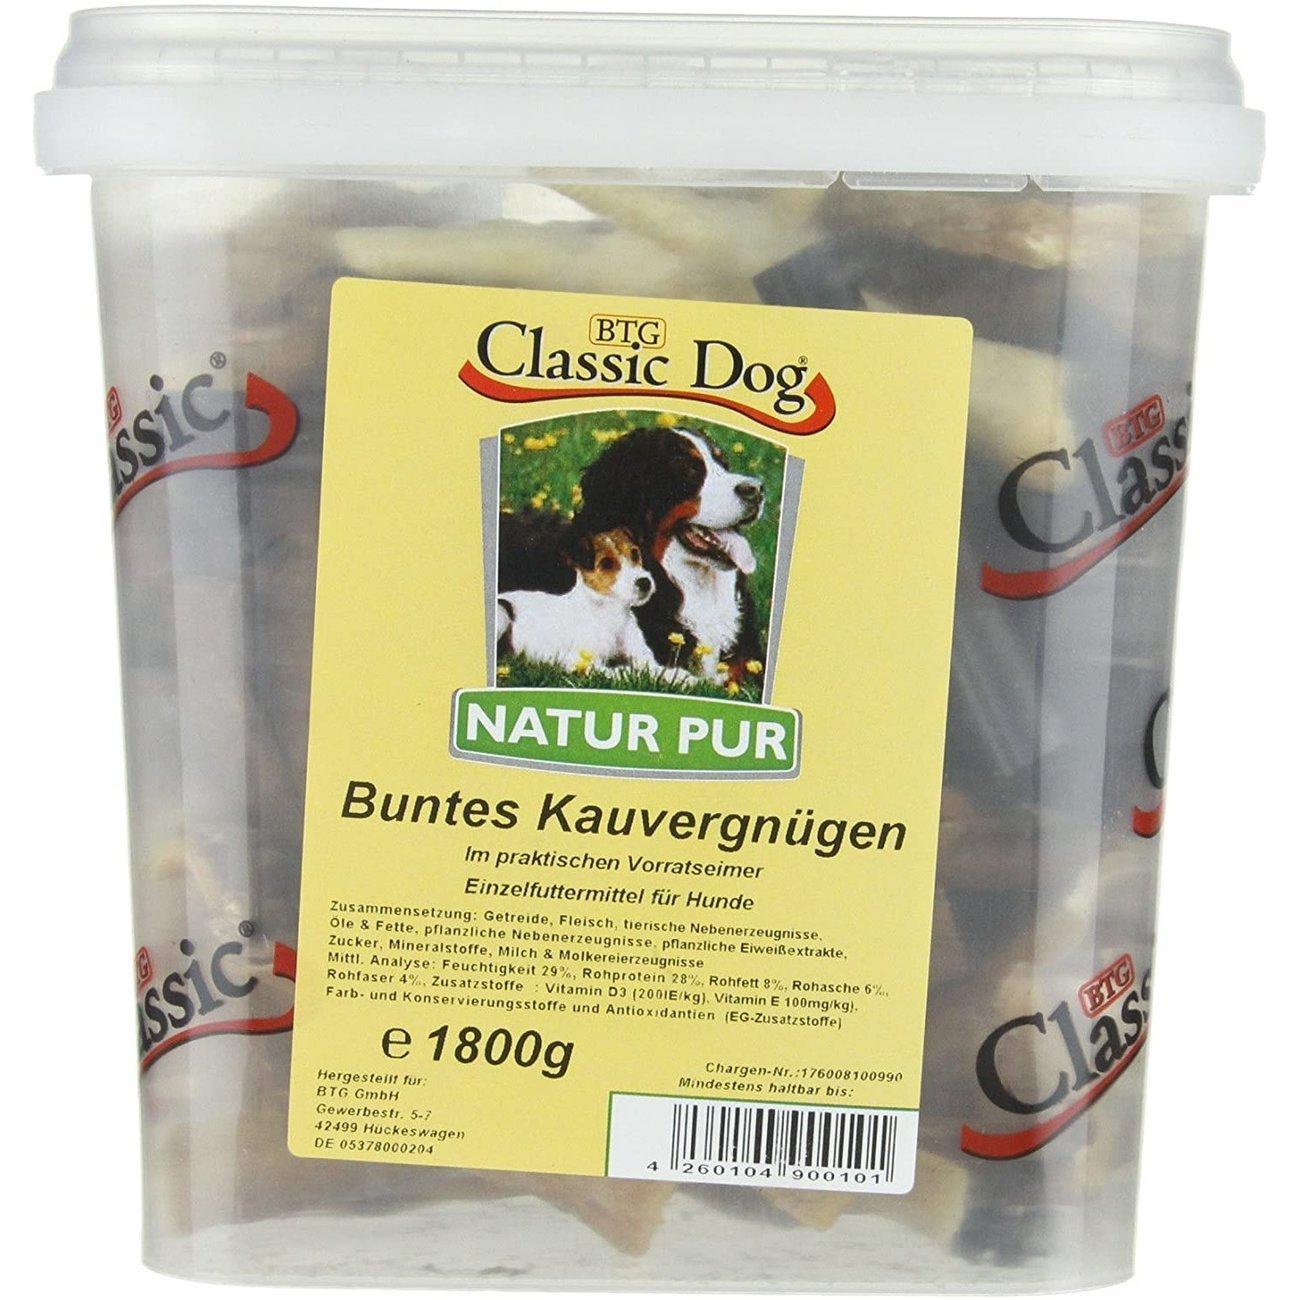 Classic Dog Buntes Kauvergnügen, Bild 2